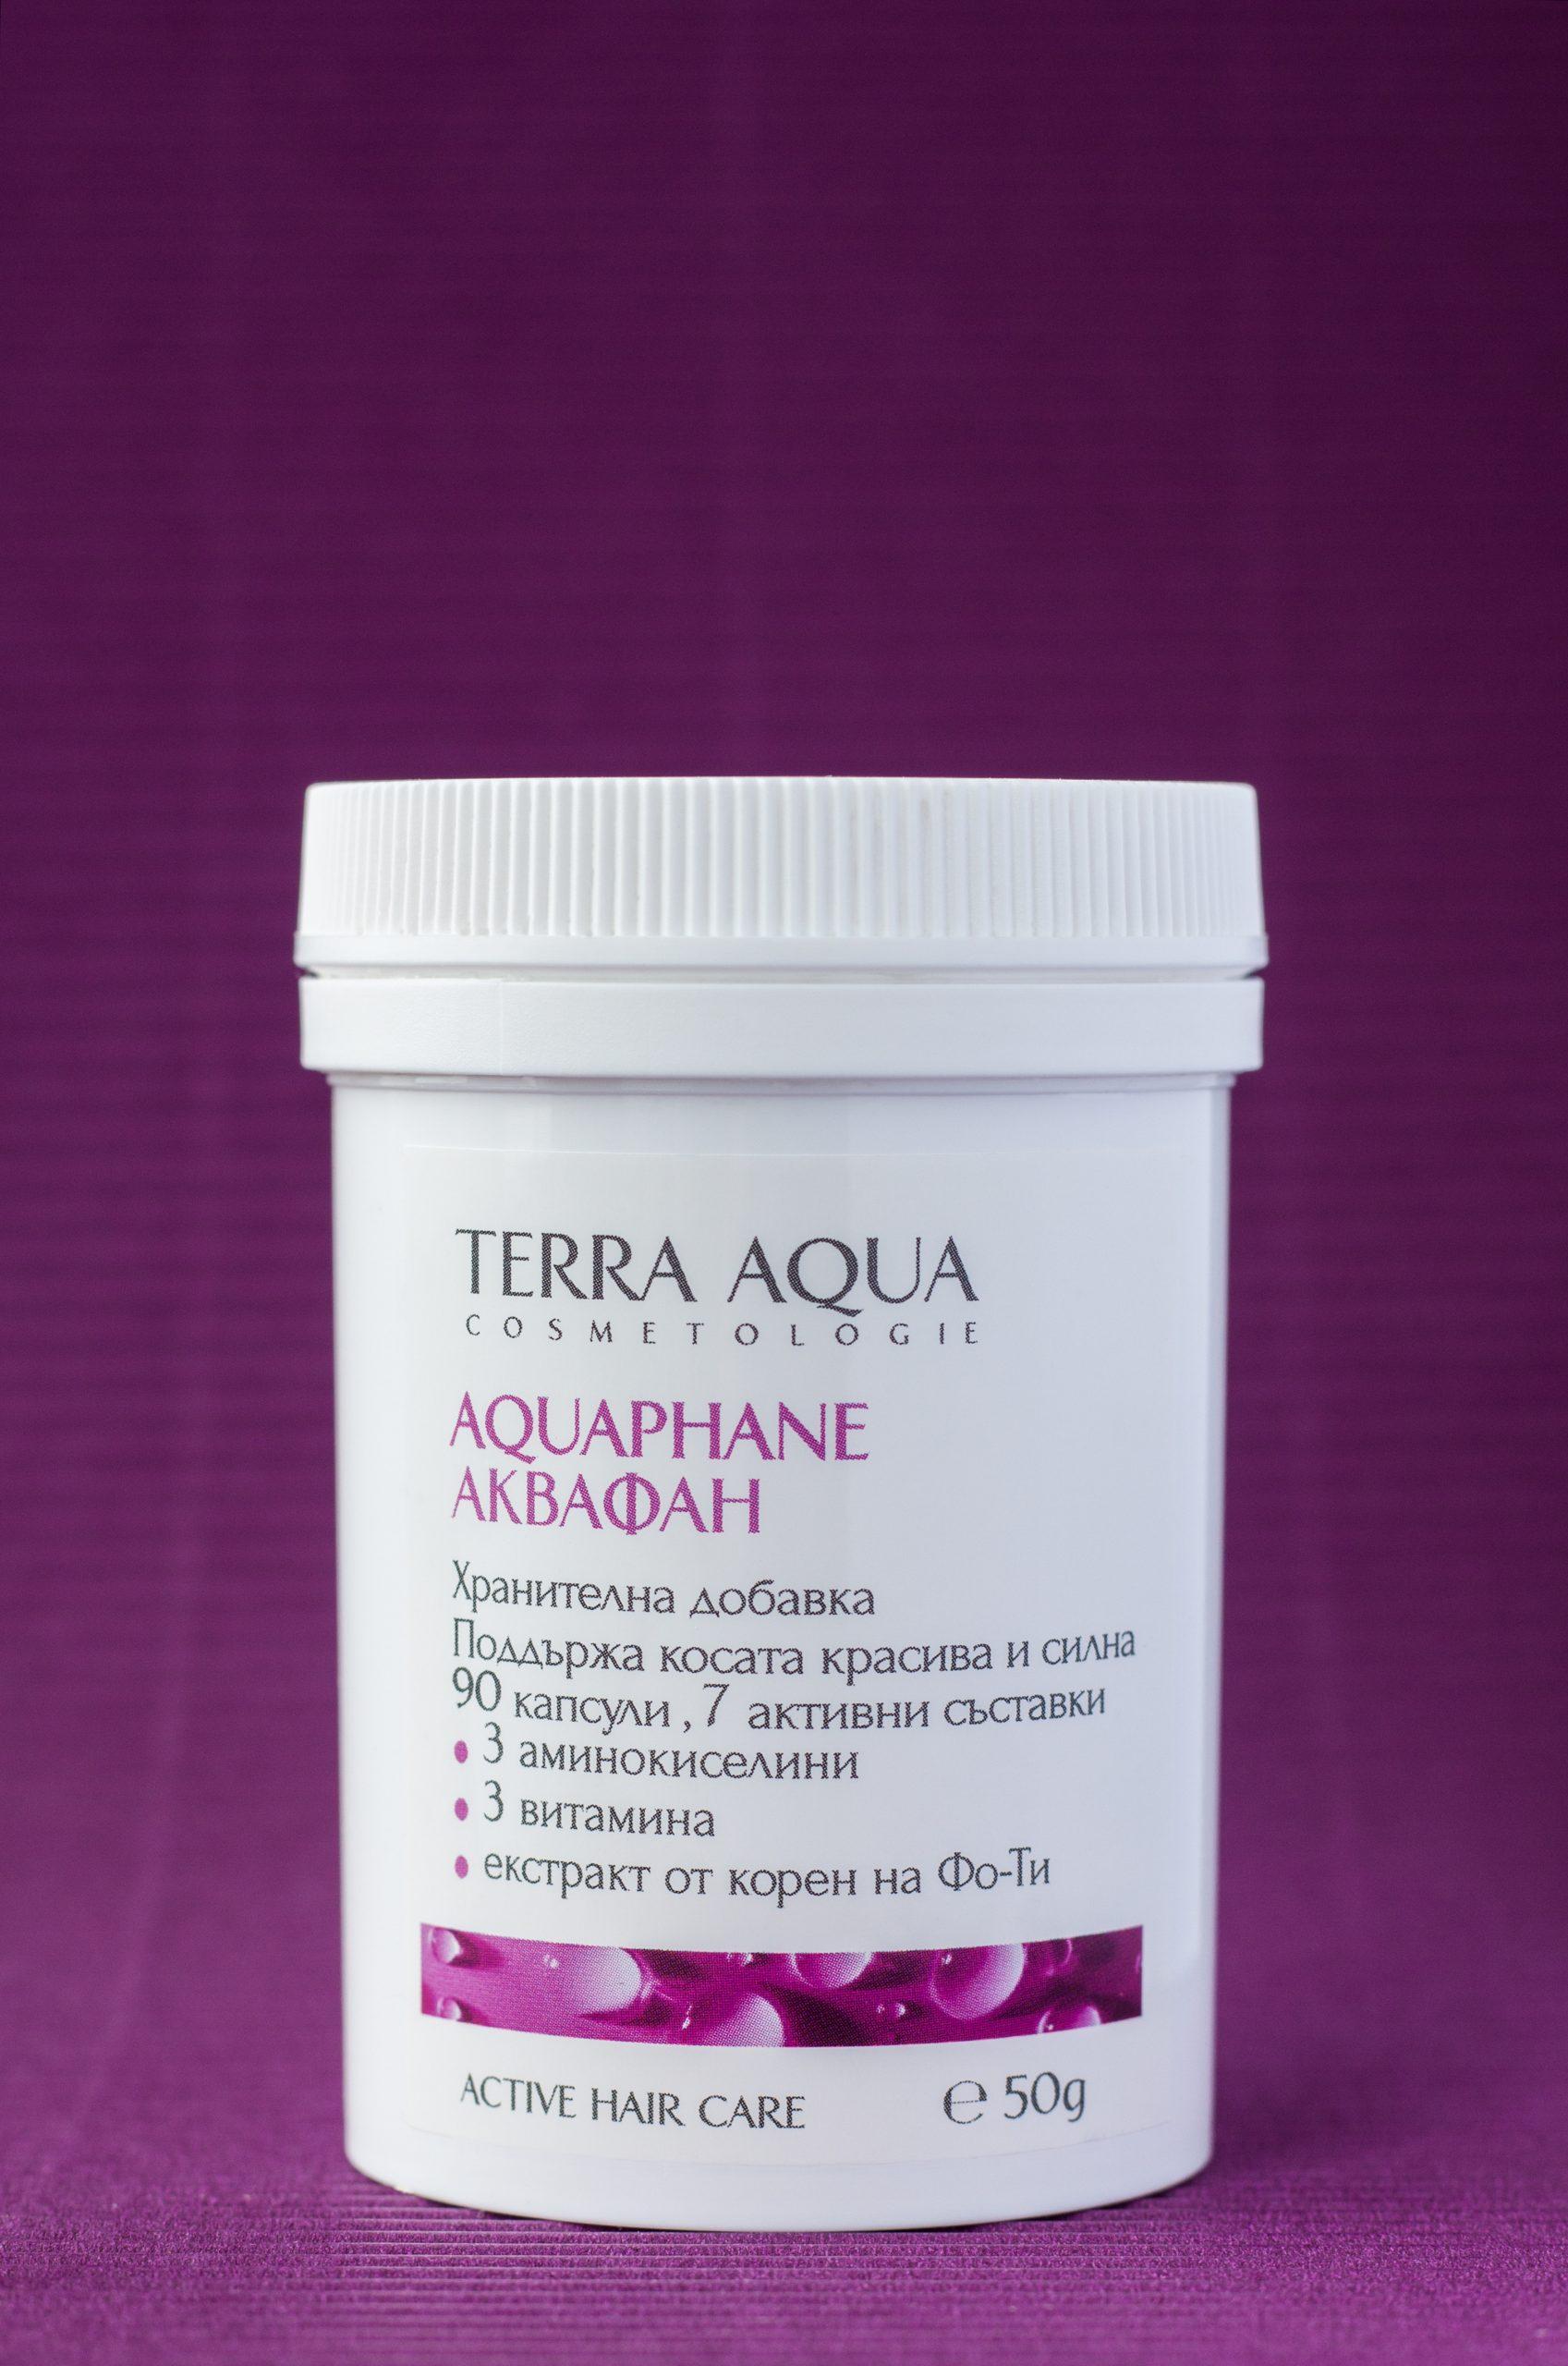 Terra Aqua AQUAPHANE хранителна добавка при косопад